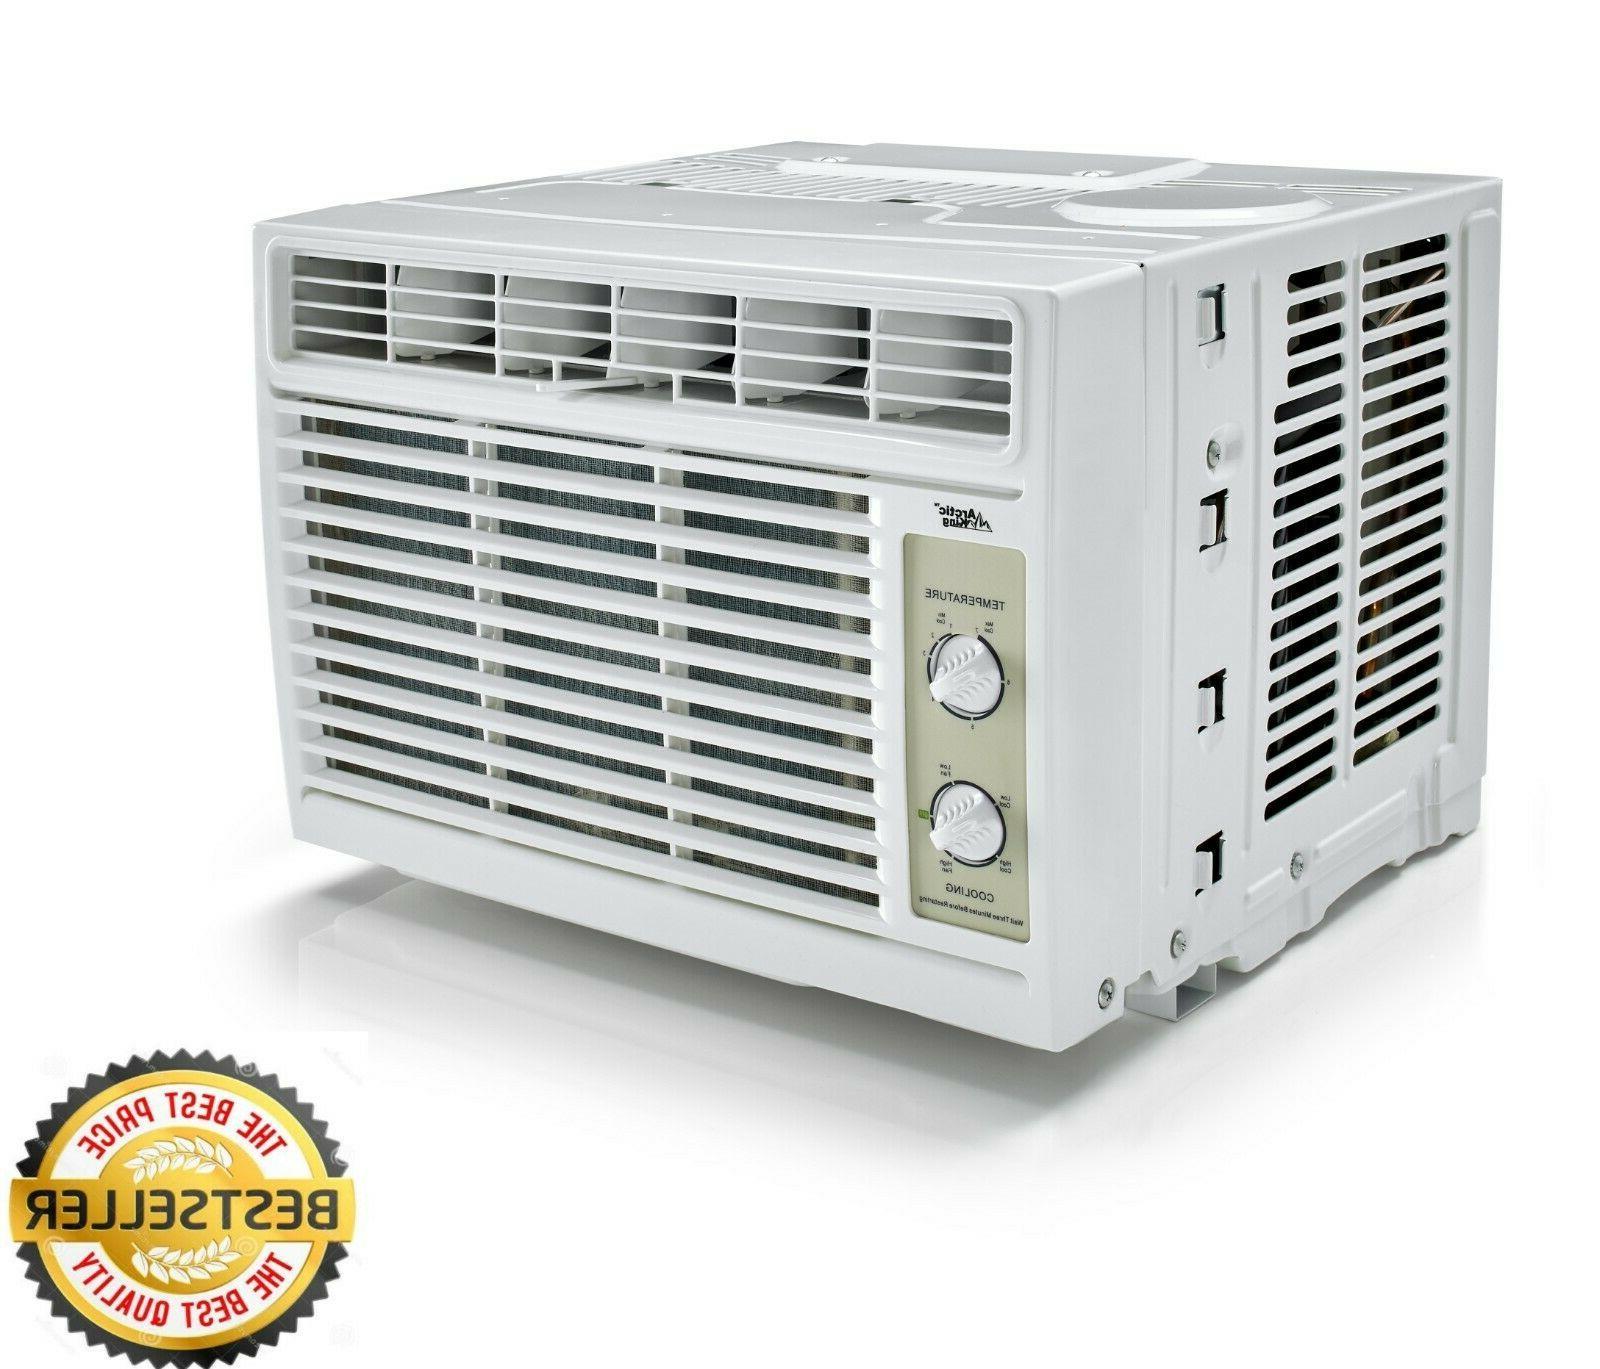 window air conditioner ac unit quiet energy